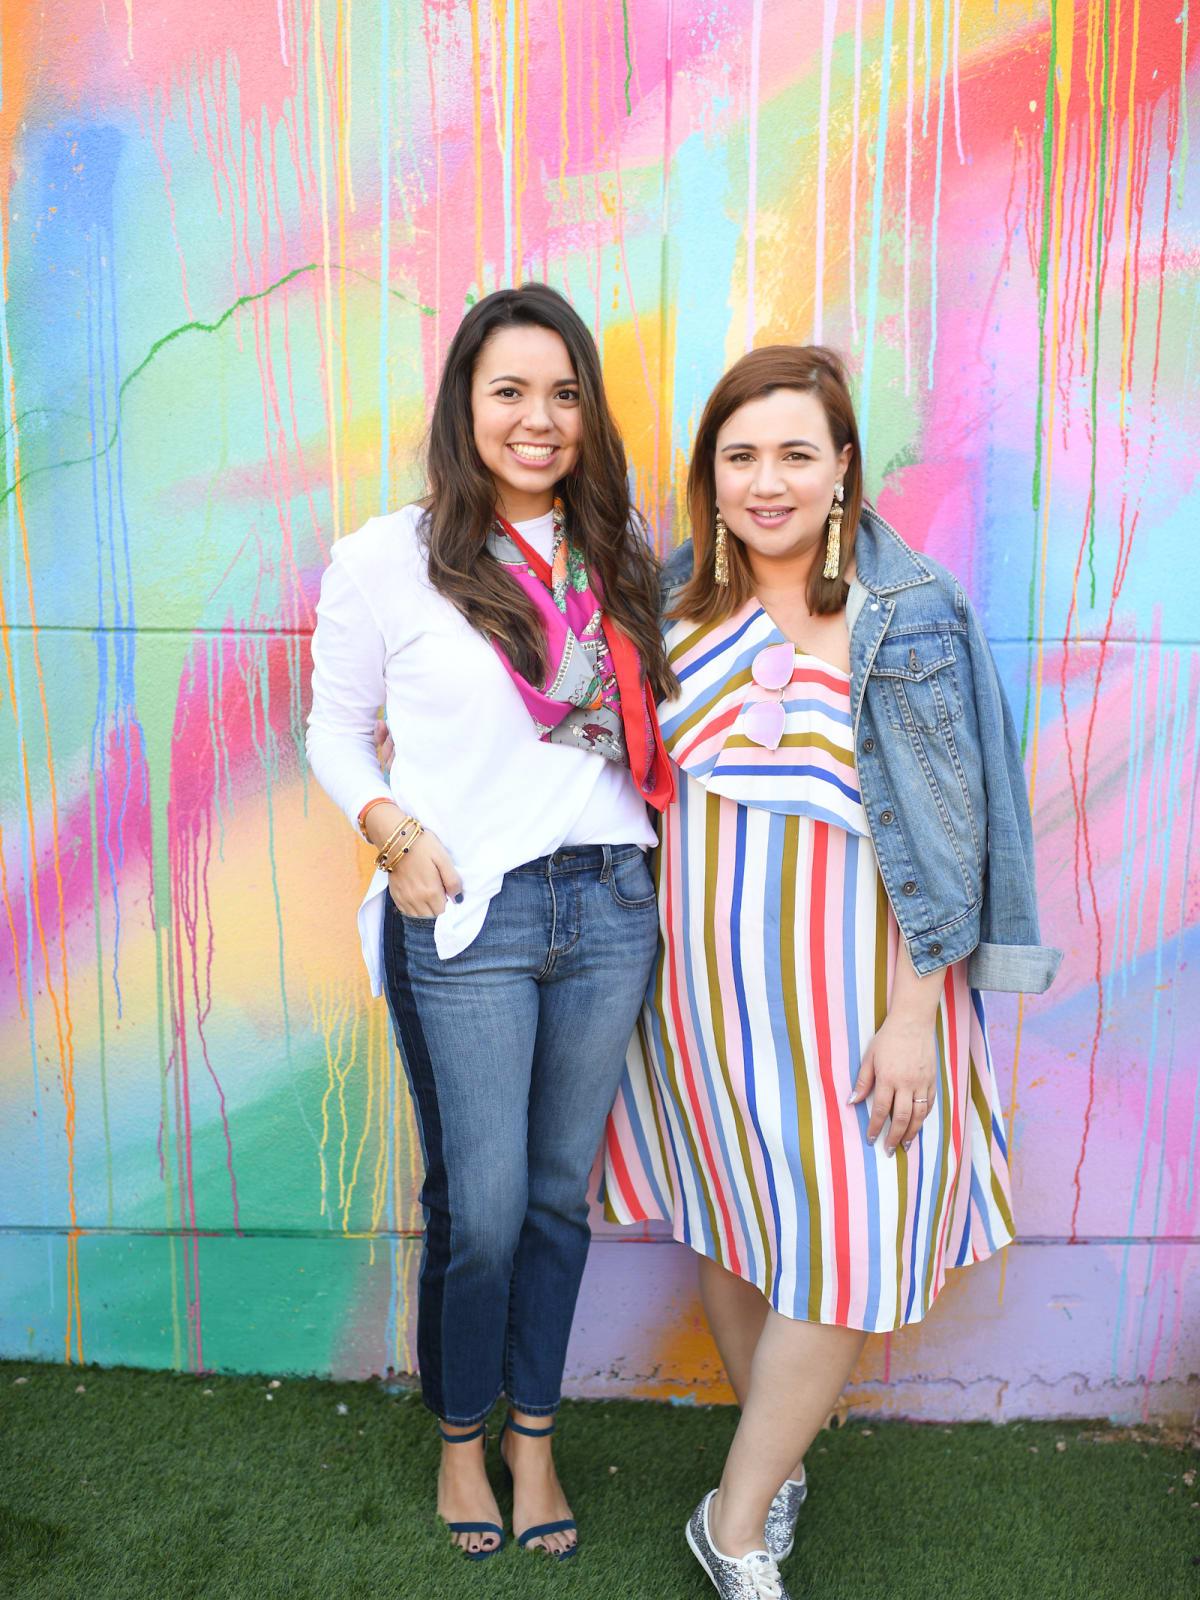 Alexandria Haines, Nicole Kestenbaum at More Color Please launch